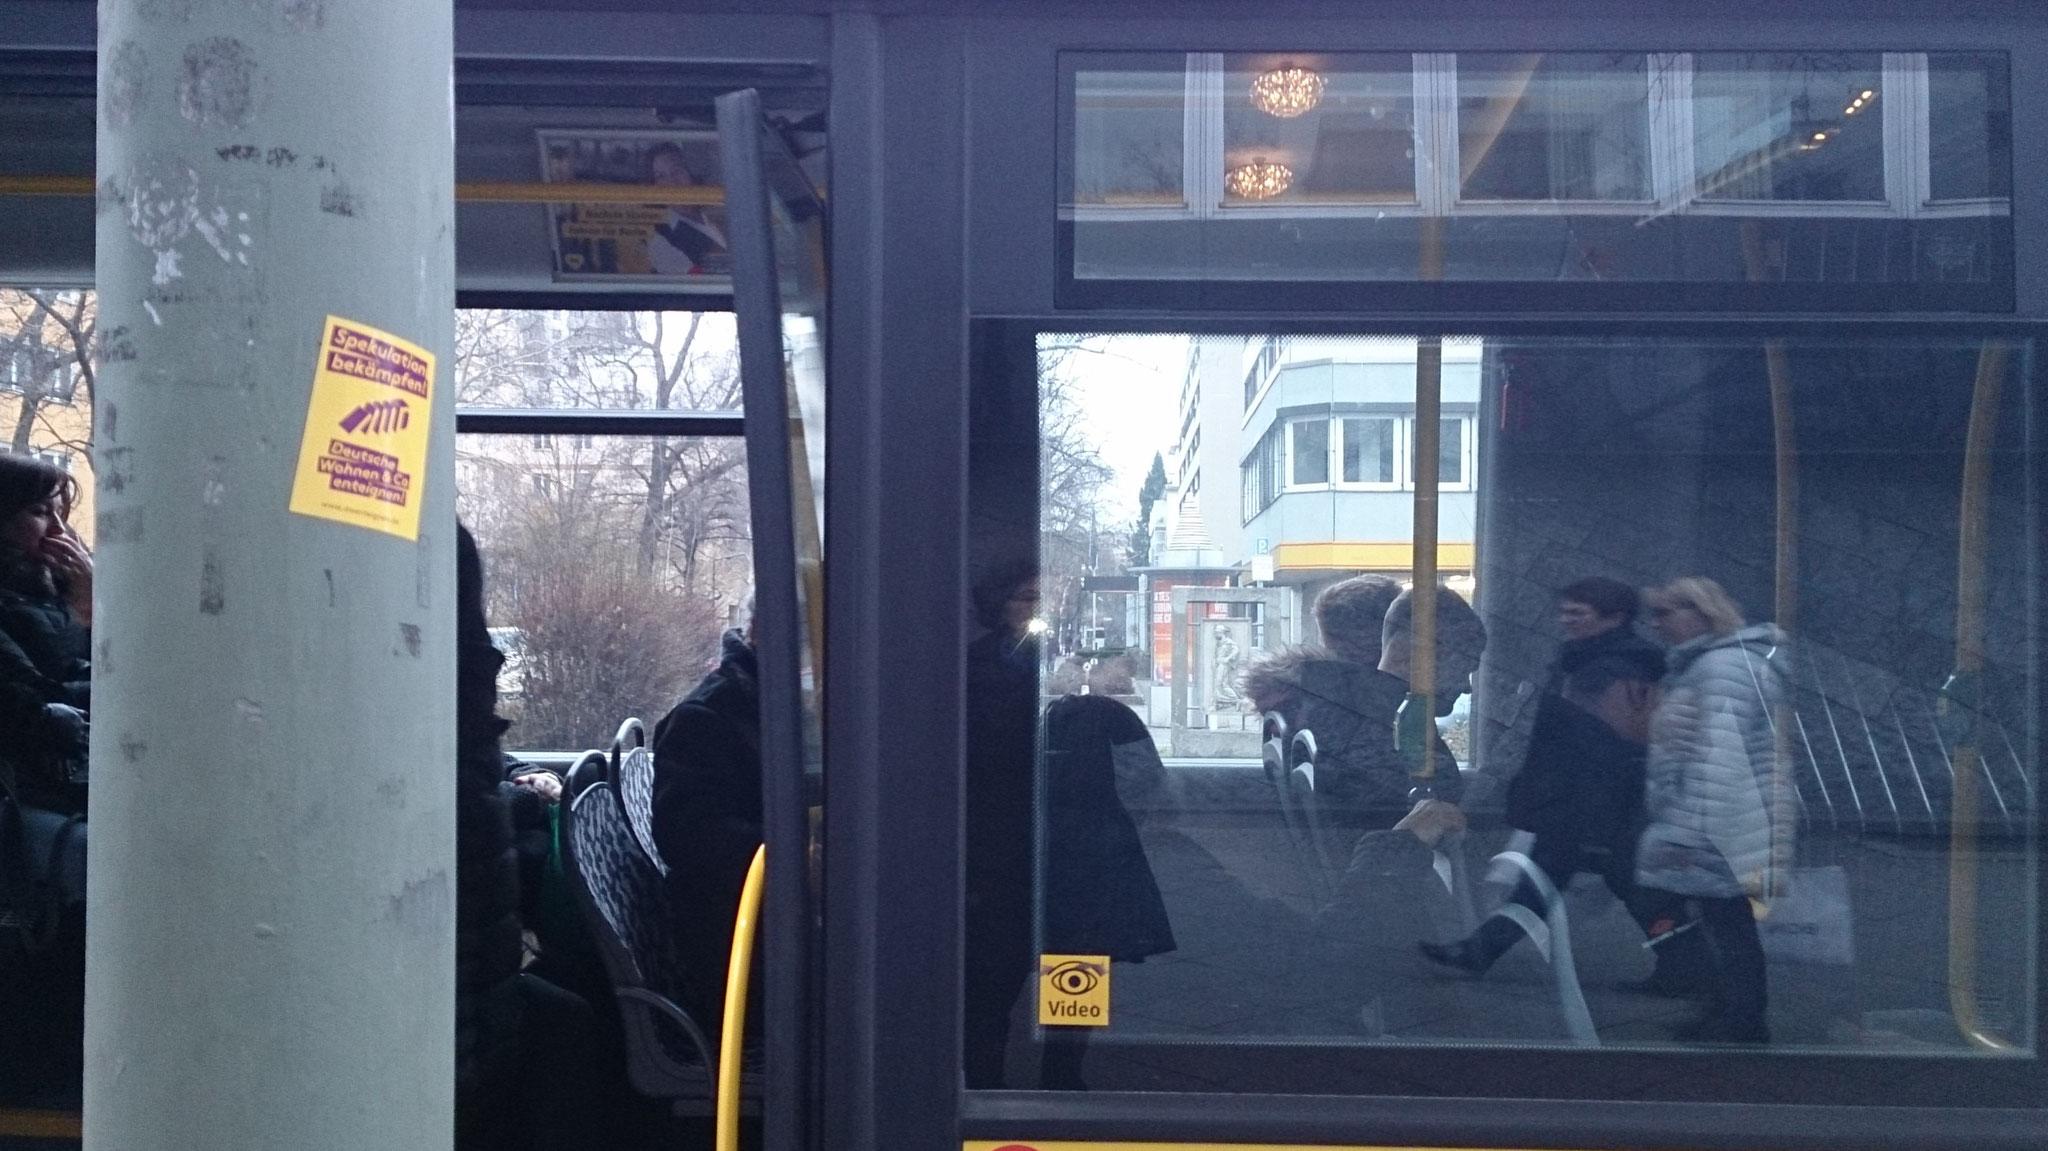 durch die Busfenster, Mahnort.